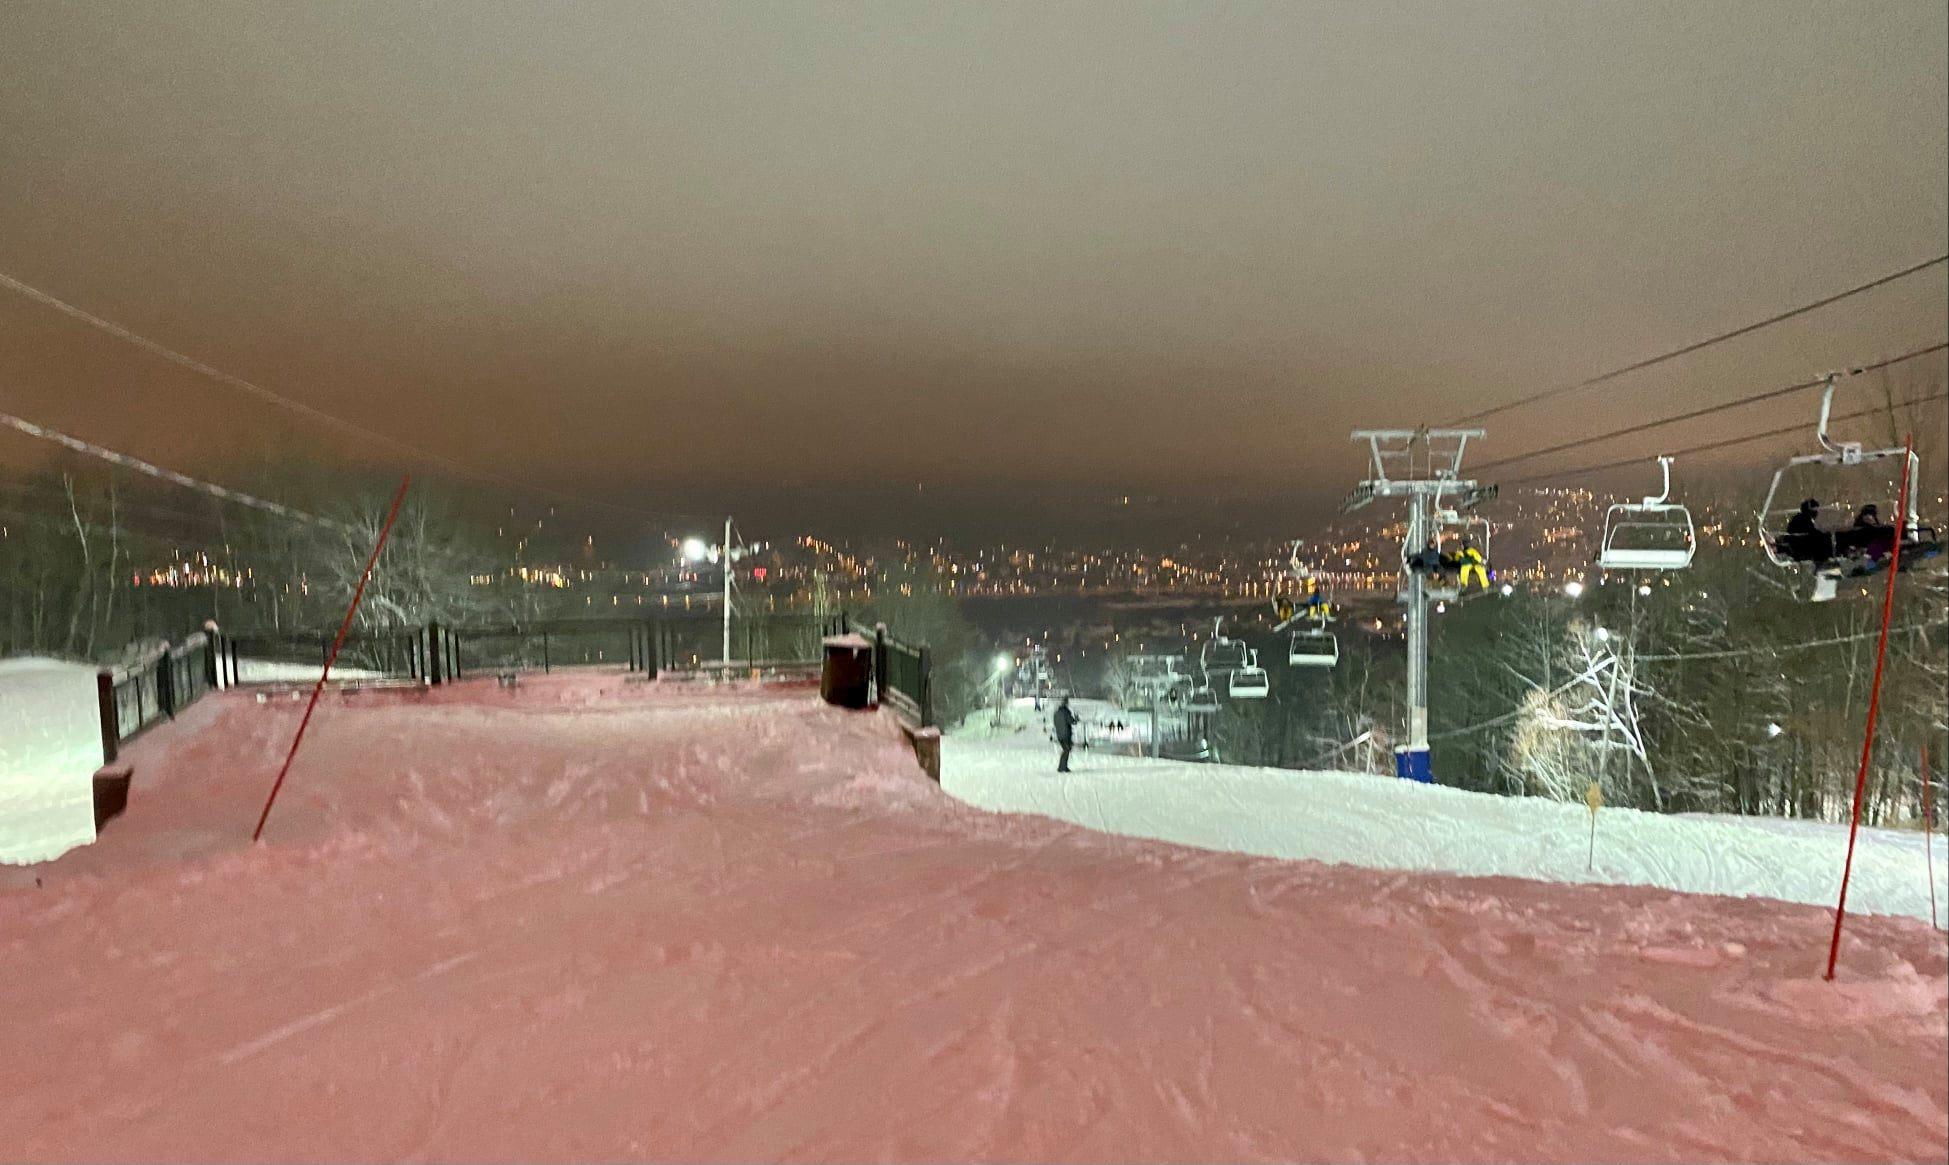 2 janvier 2021 au Parc du Mont-Bellevue - Sherbrooke